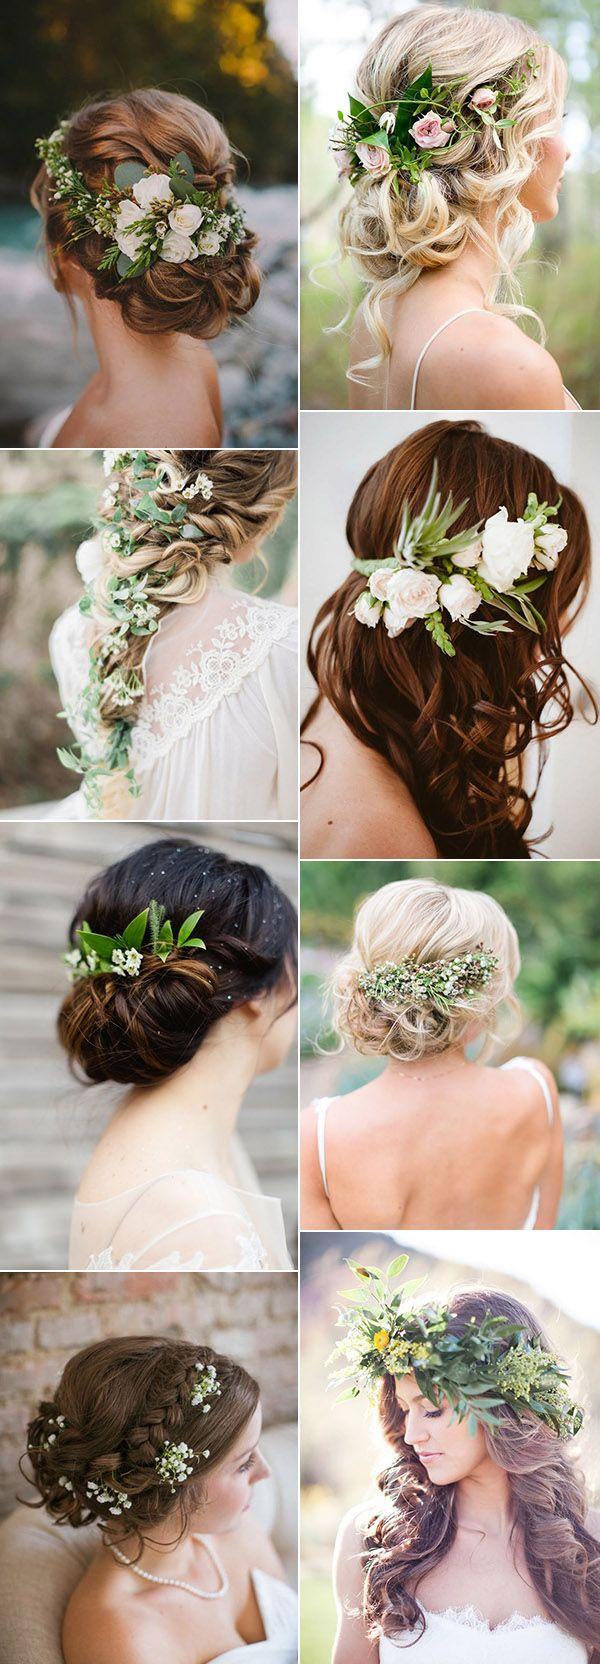 bohemian wedding ideas - diy boho chic wedding | chic wedding